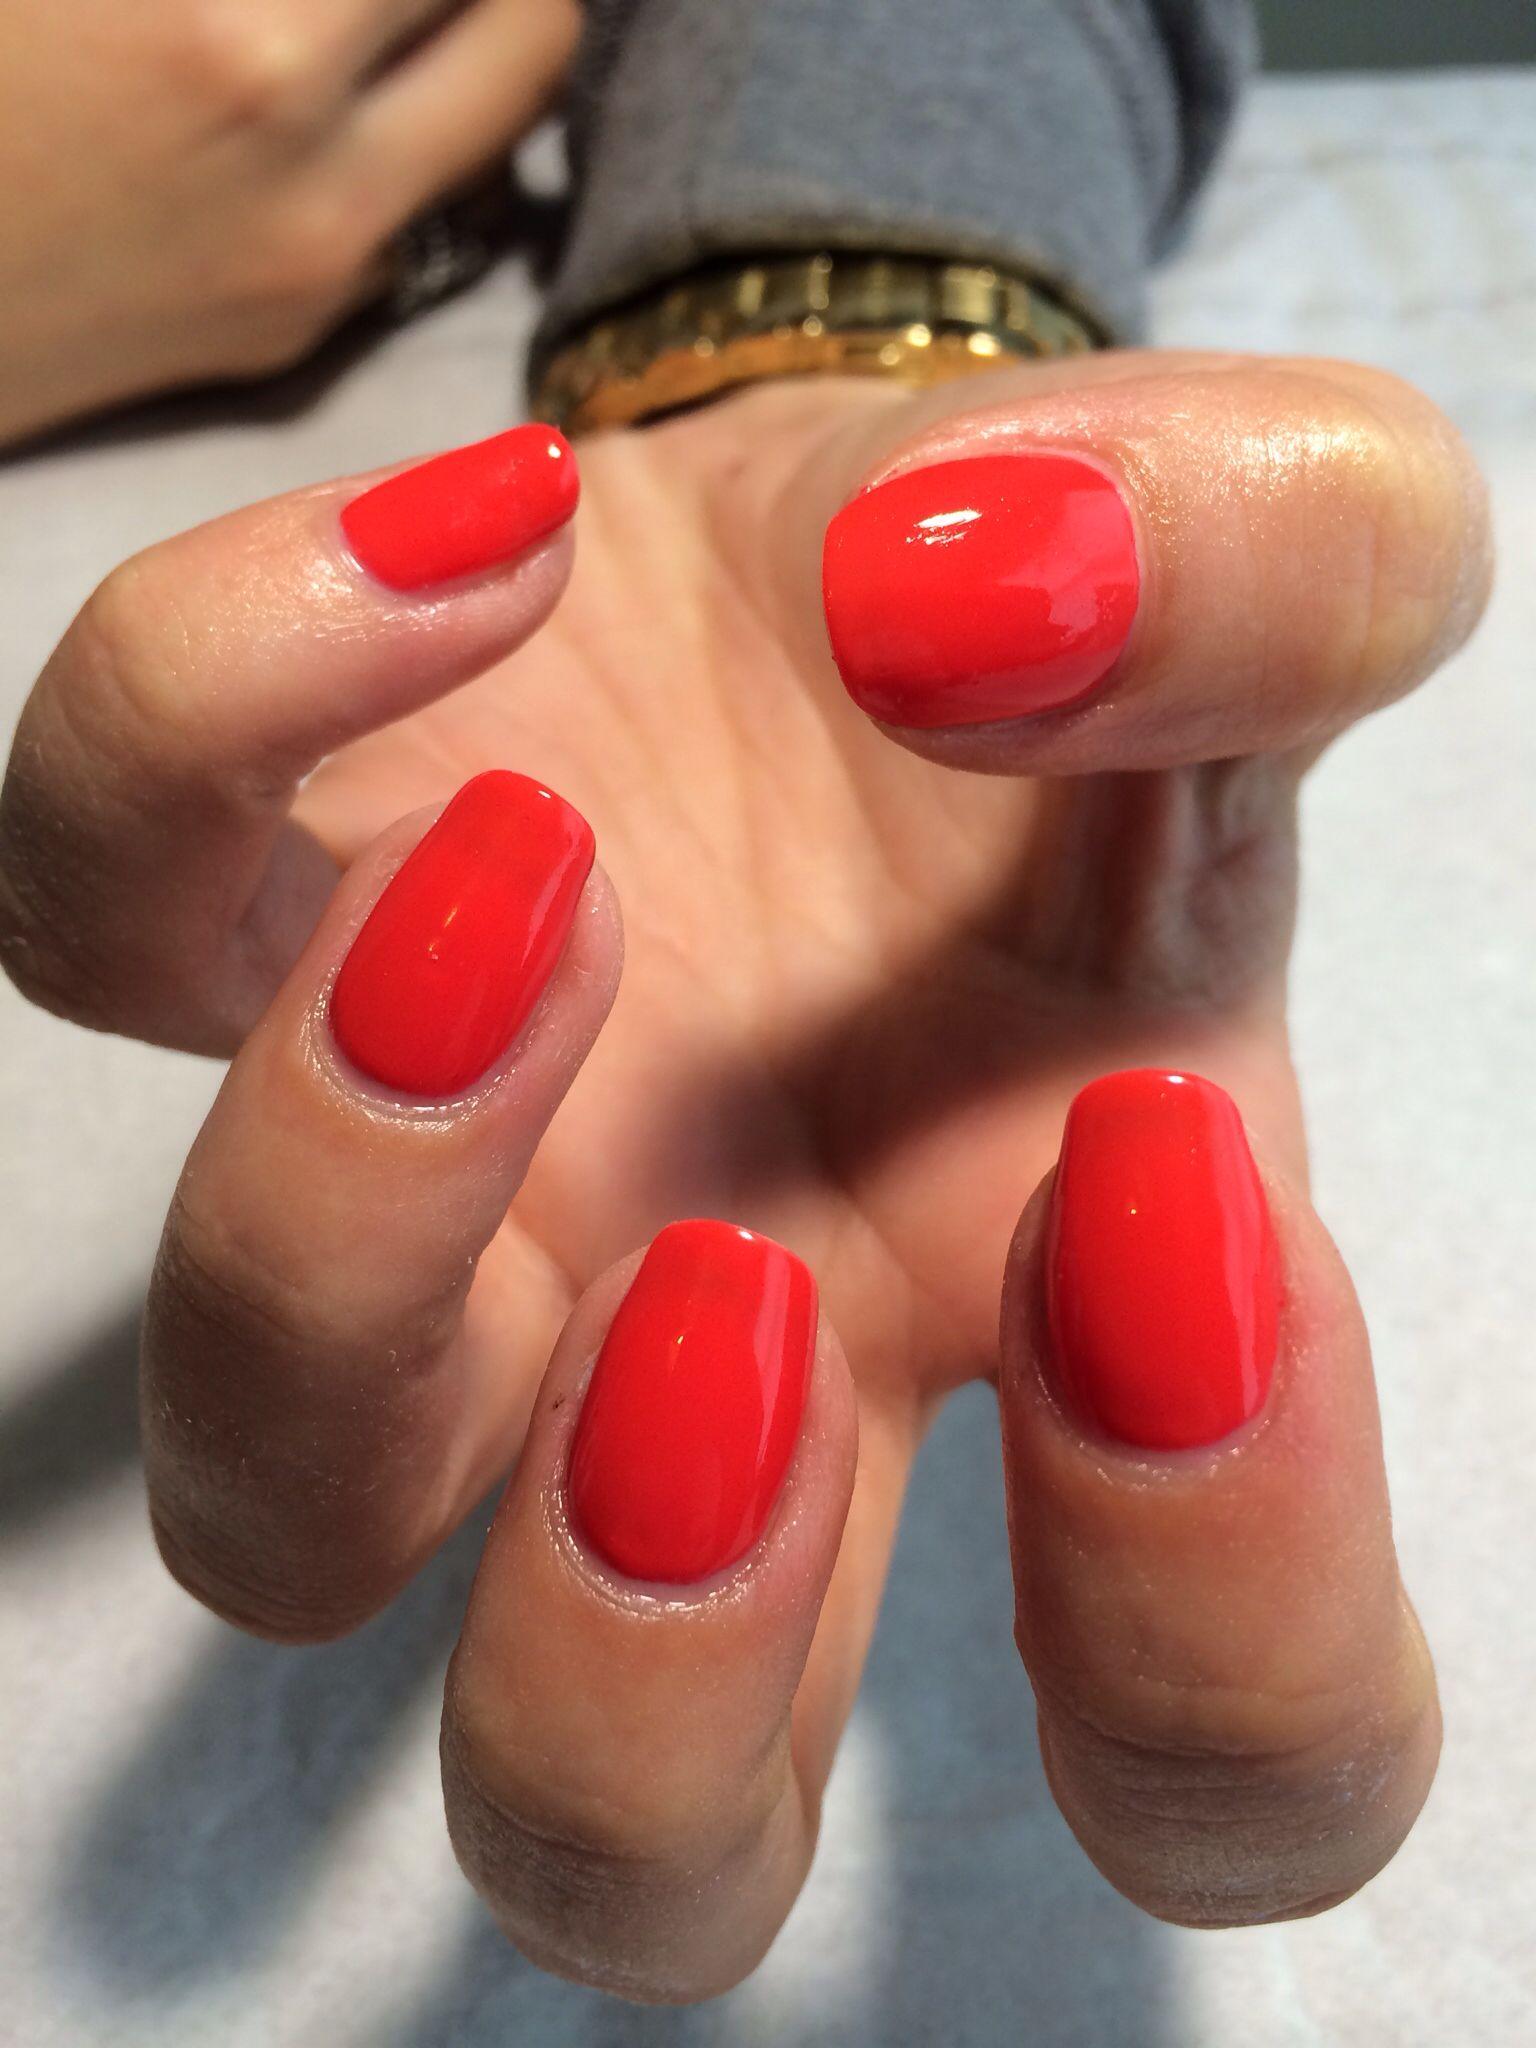 Gelish Tiger Blossom Red Shellac Nails Coral Gel Nails Gelish